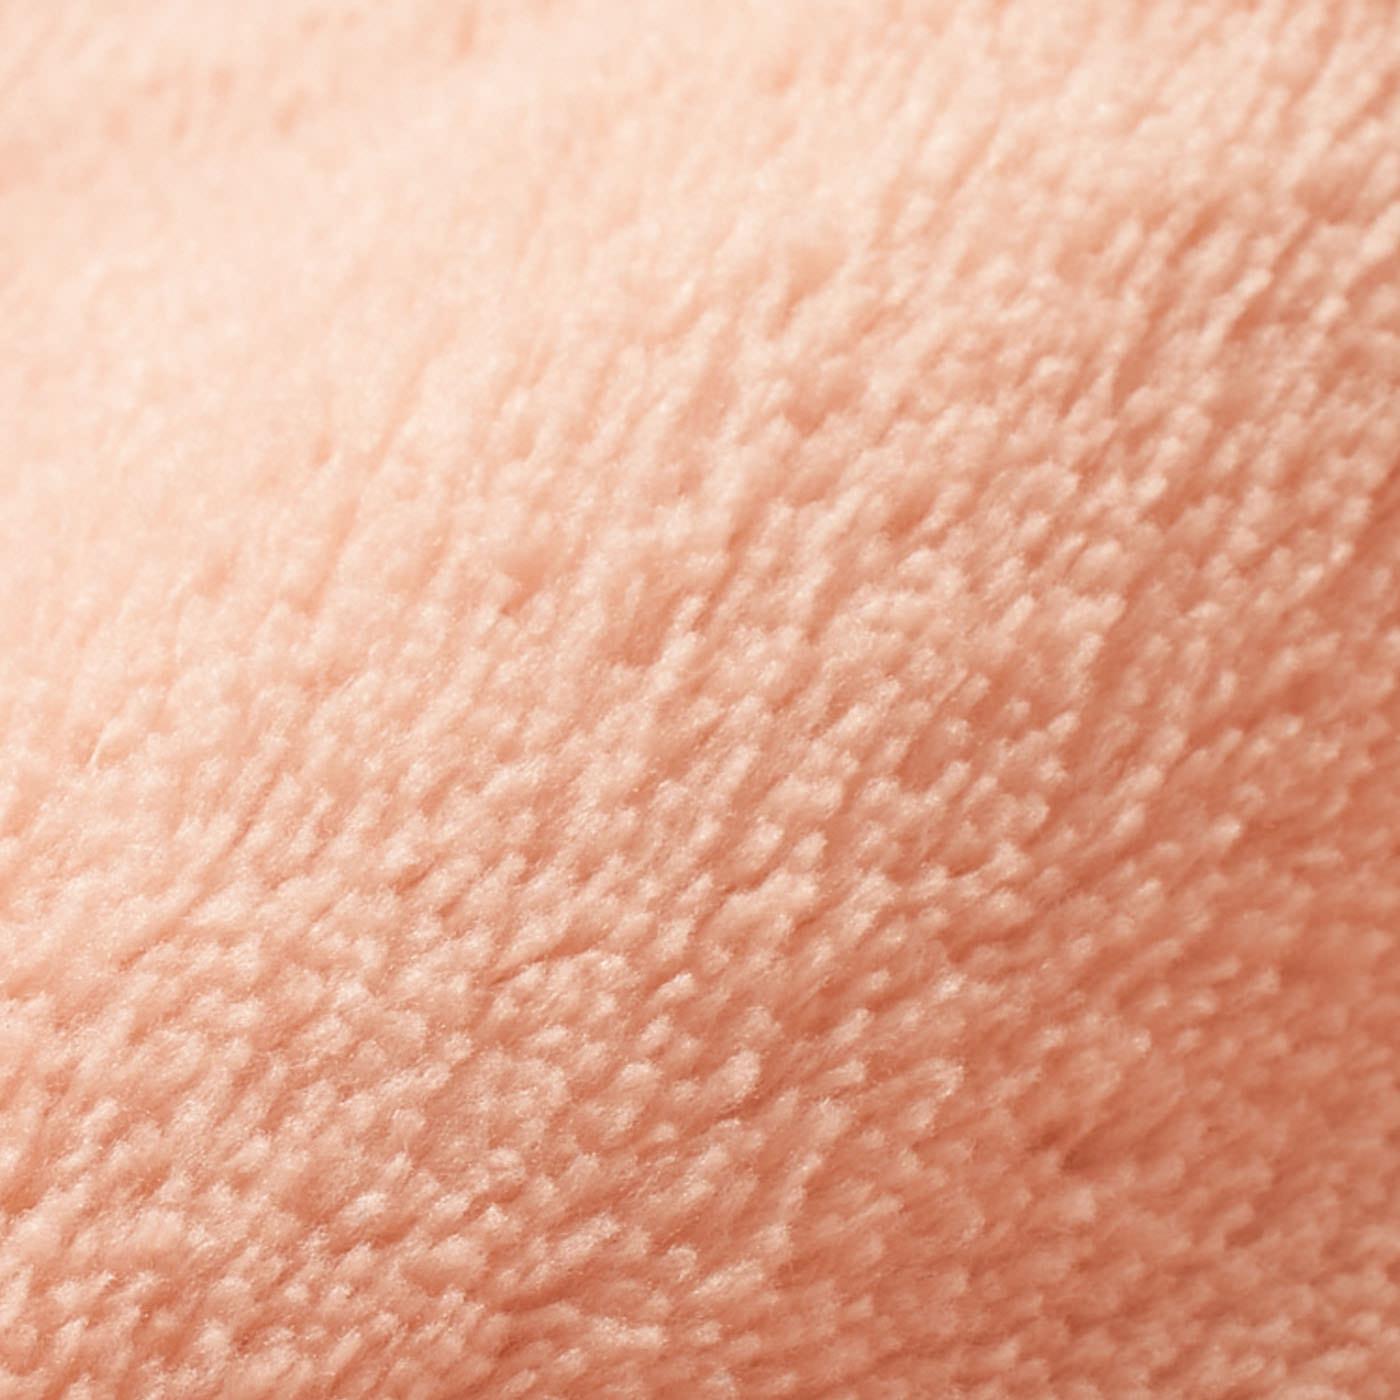 〈表側〉マイクロファイバー:しっとり滑らかな超極細繊維。とろけるような肌ざわりで、寝心地のよさを高めます。